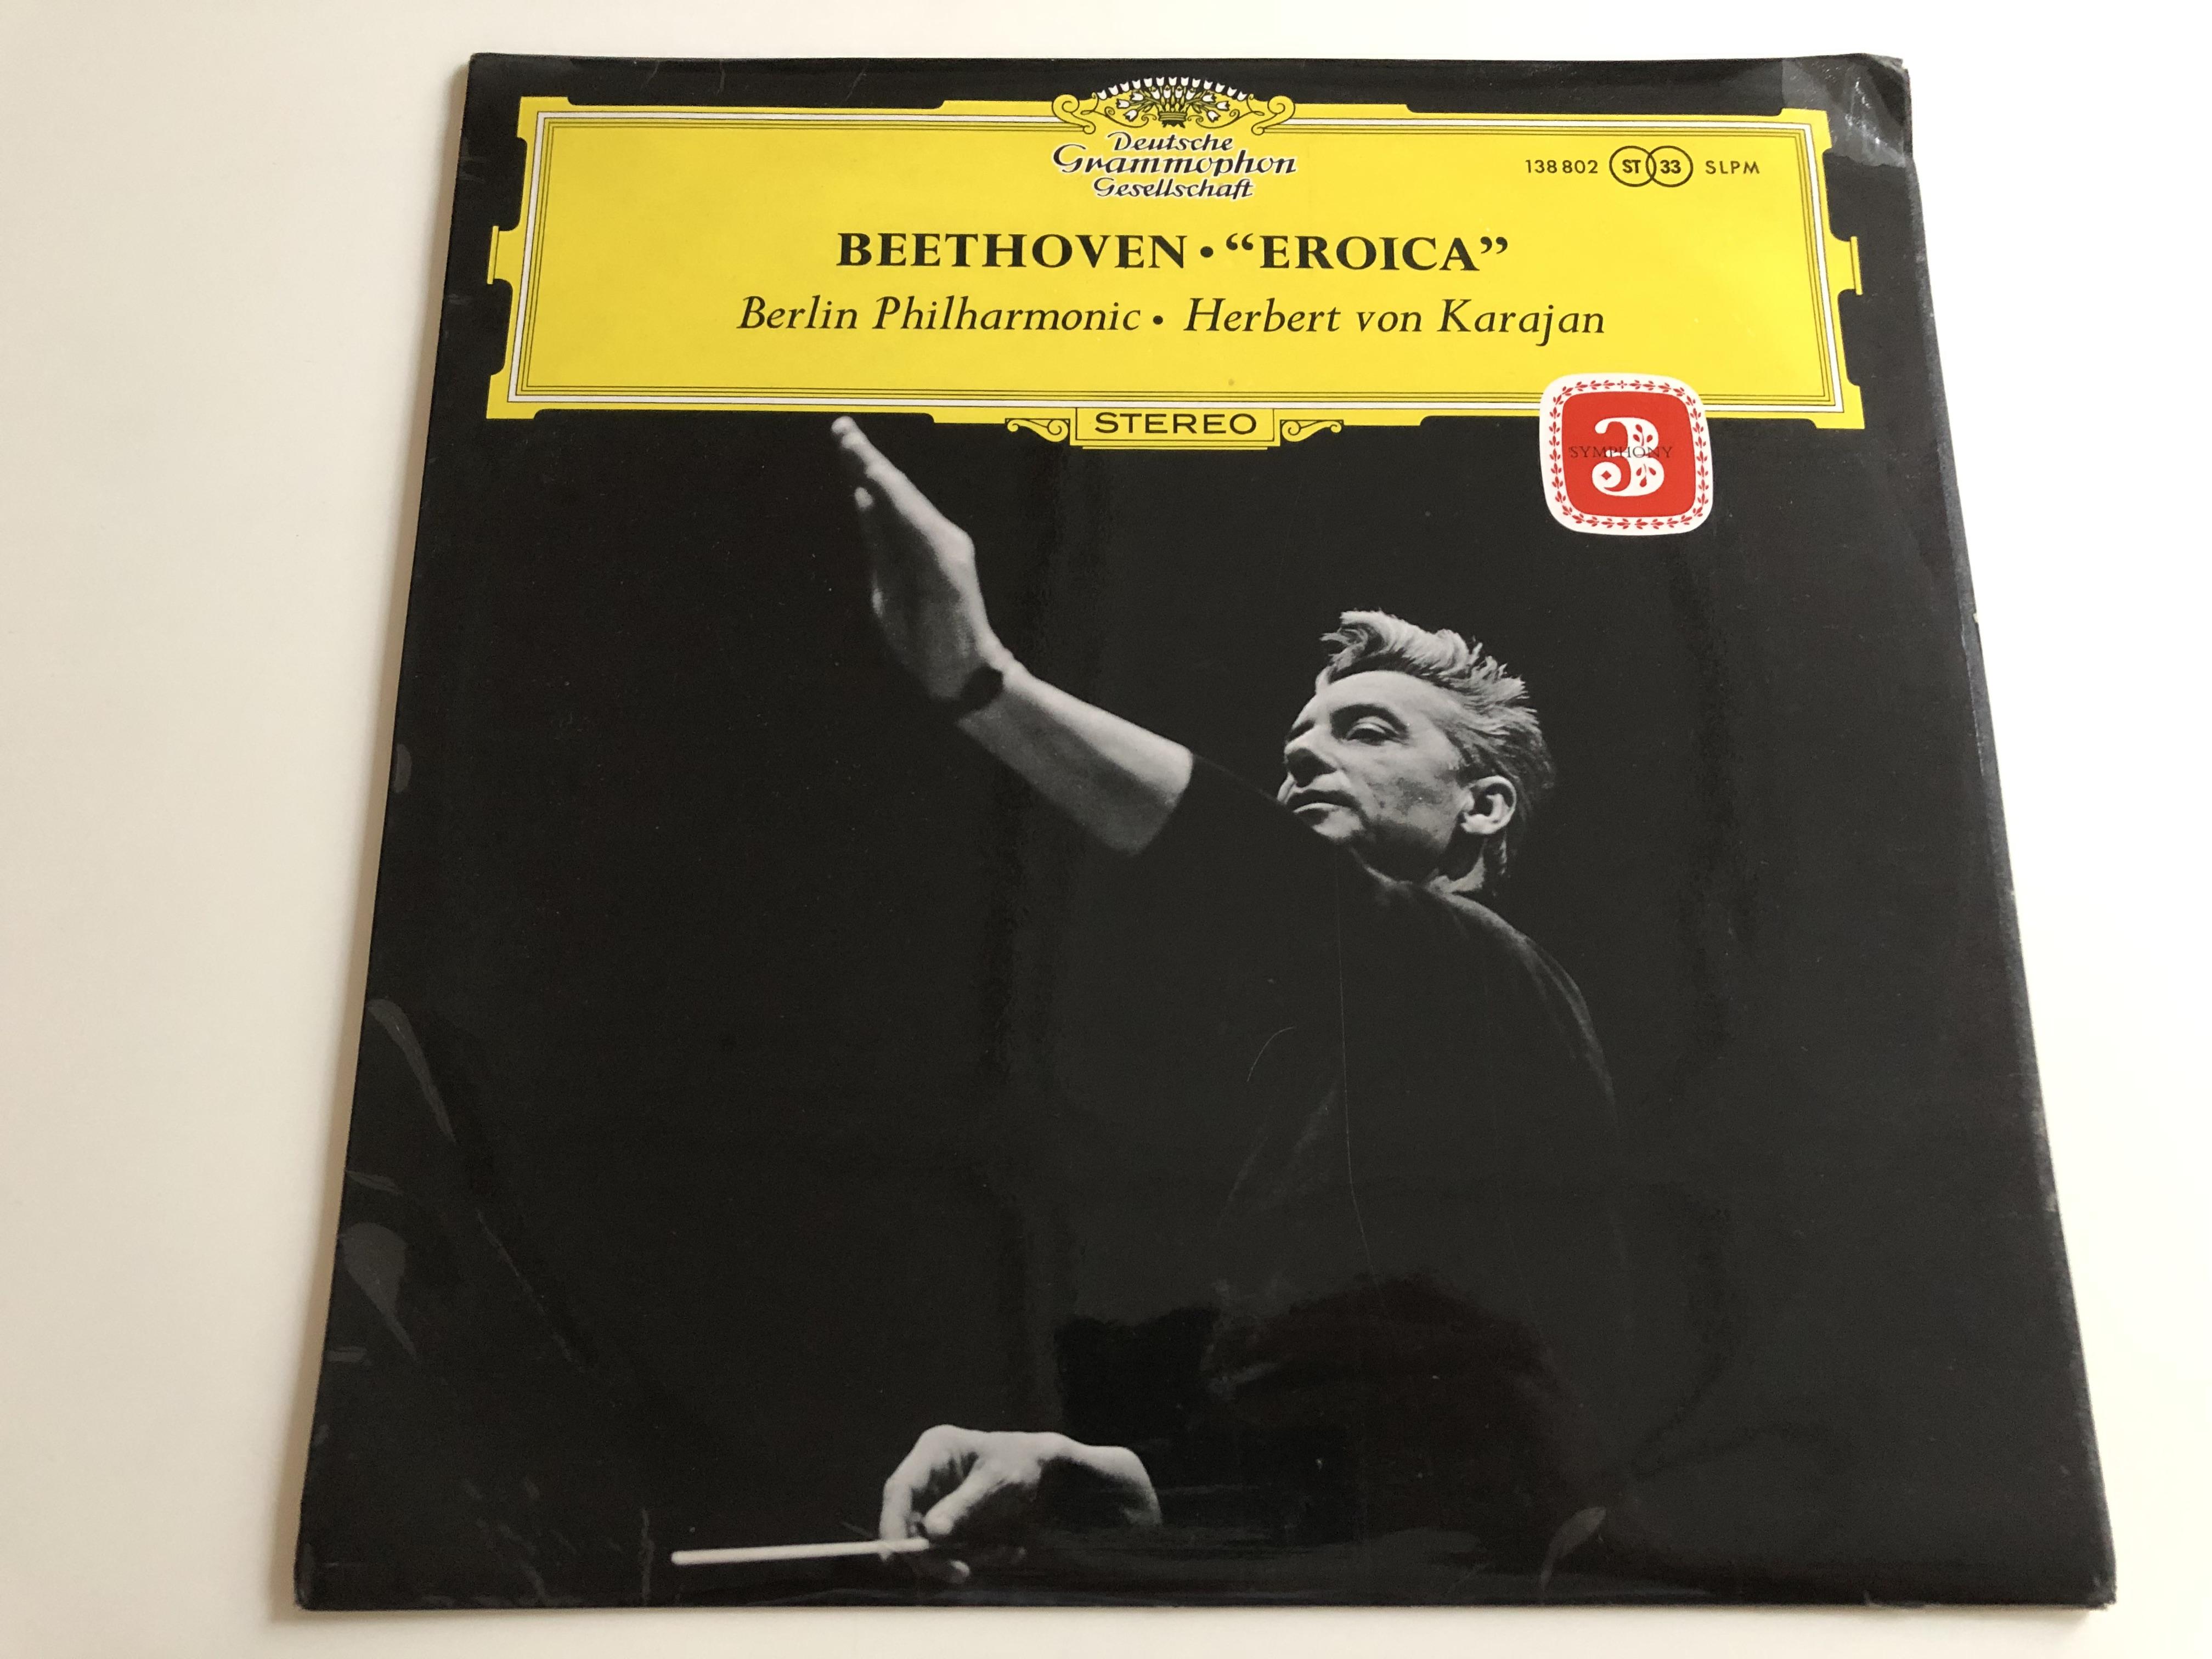 beethoven-eroica-berlin-philharmonic-conducted-herbert-von-karajan-deutsche-grammophon-lp-stereo-138-802-slpm-1-.jpg